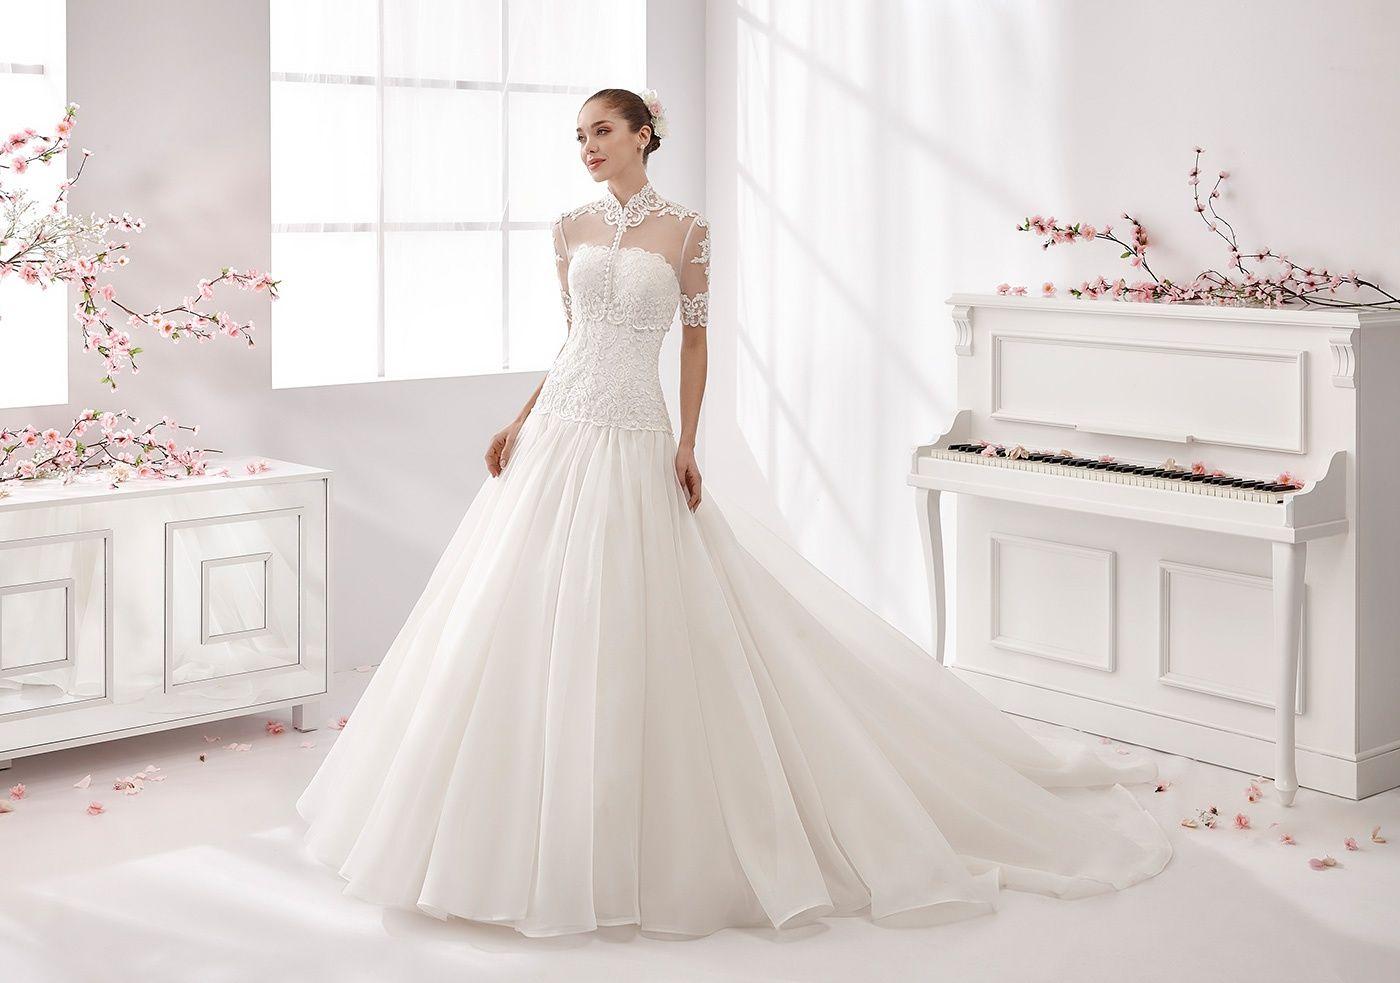 Moda sposa 2016 - Collezione AURORA.  AUAB16956. Abito da sposa Nicole.